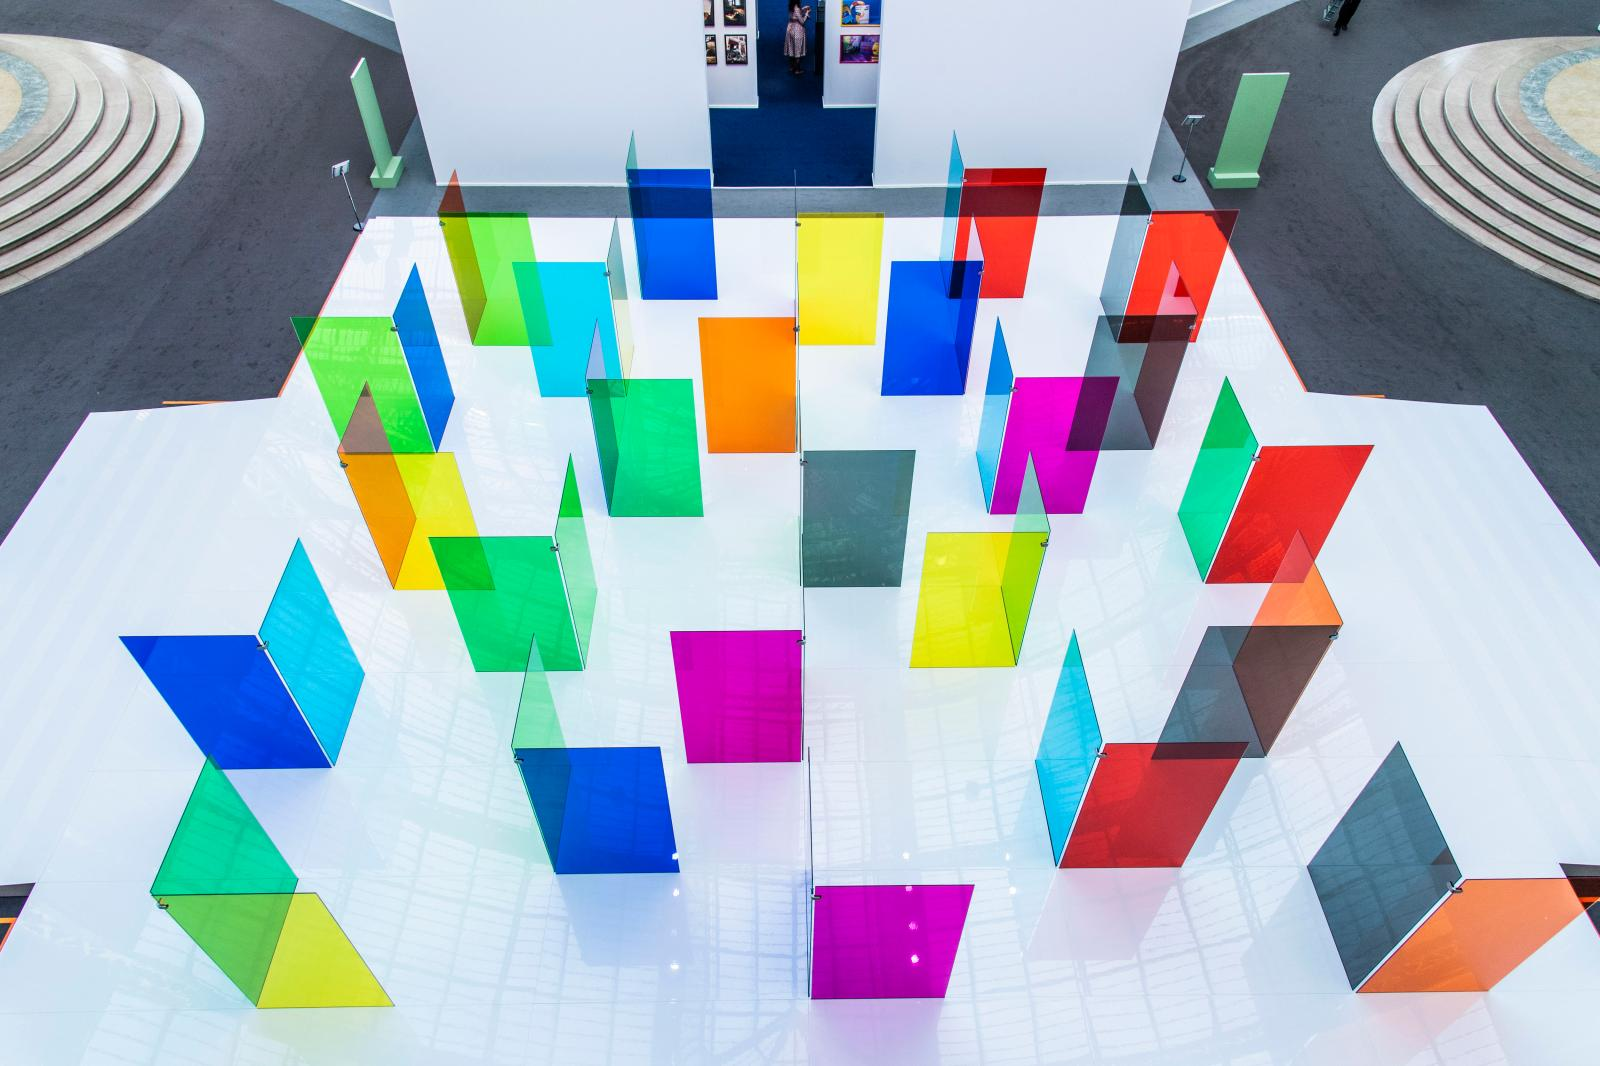 L'installation de Carlos Cruz-Díez présentée au Grand Palais par la galerie Valérie Bach à la Biennale Paris 2019. ©Julio Piatti